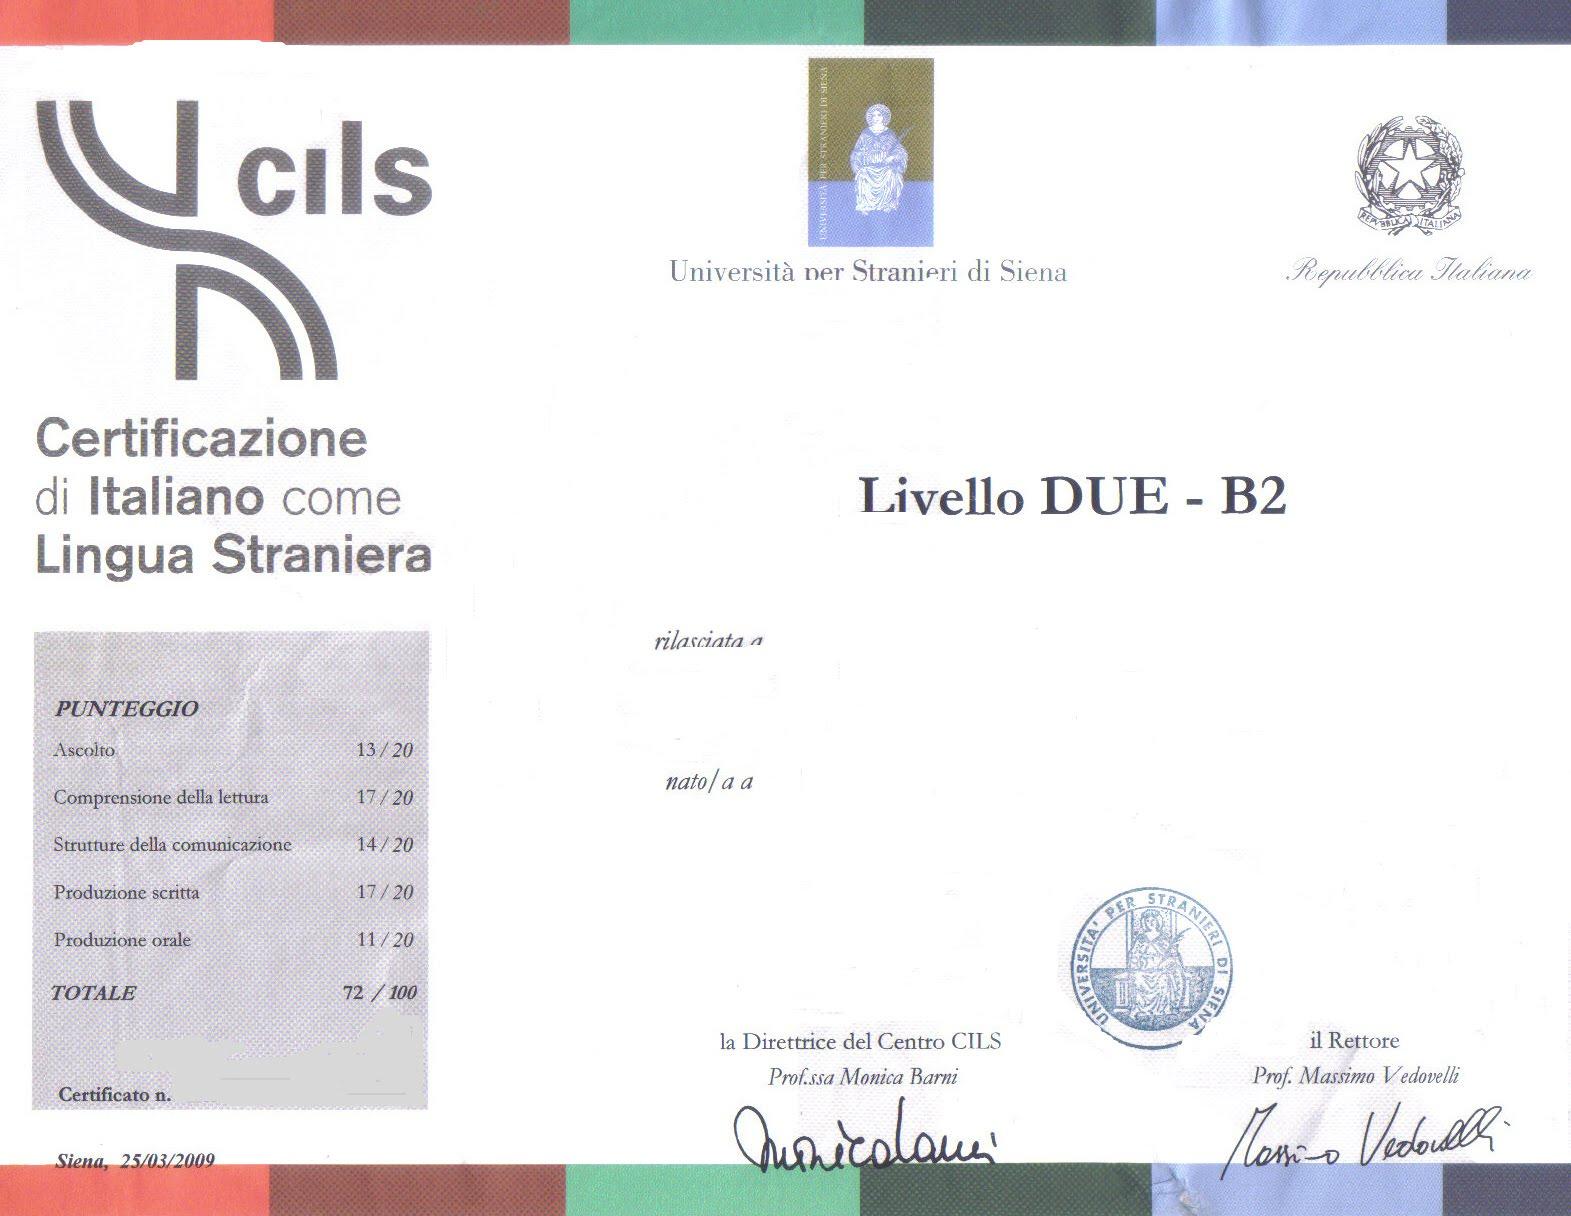 STRAN(ier)OMAVERO: Prossimi esami CILS-Certificazione di Italiano ...